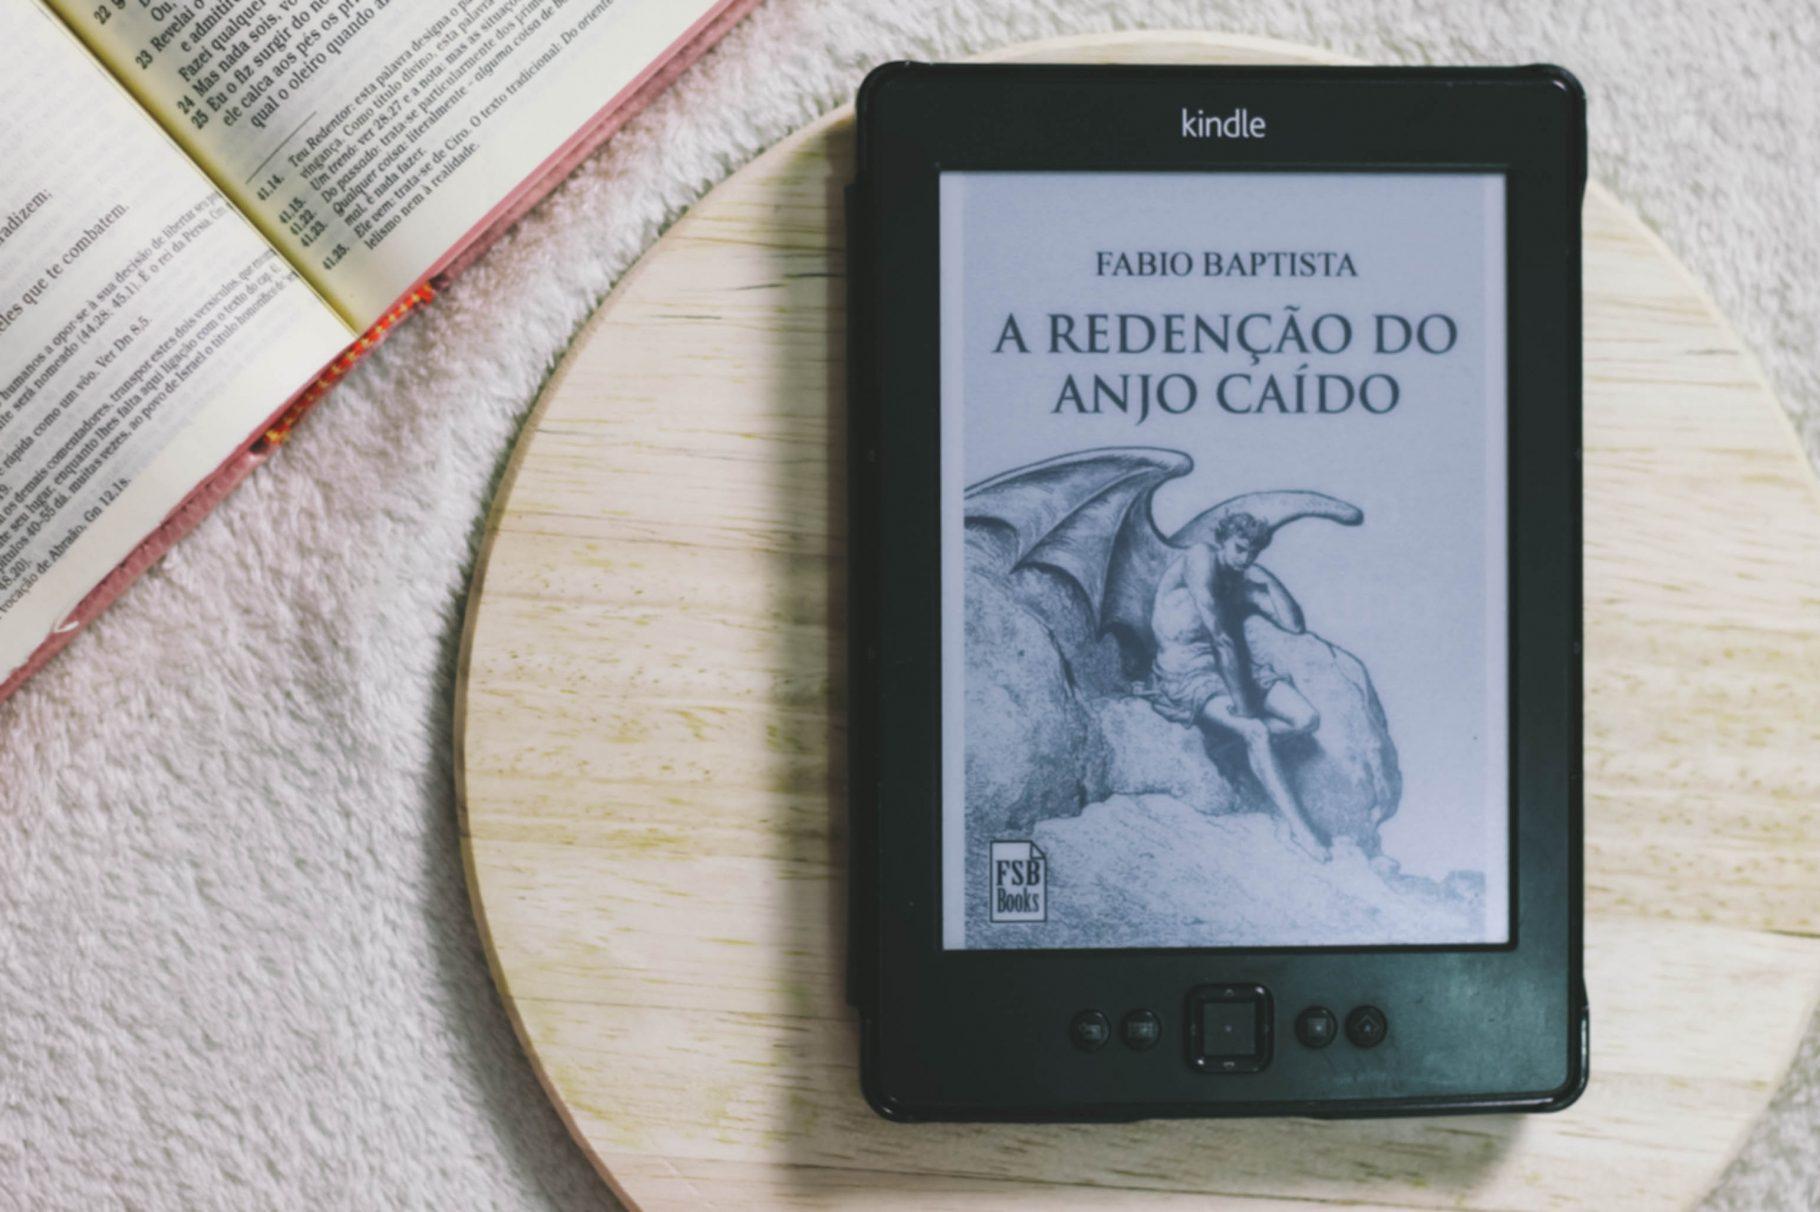 """Anjos, demônios e humanos em """"Redenção do Anjo Caído"""" de Fábio Baptista"""